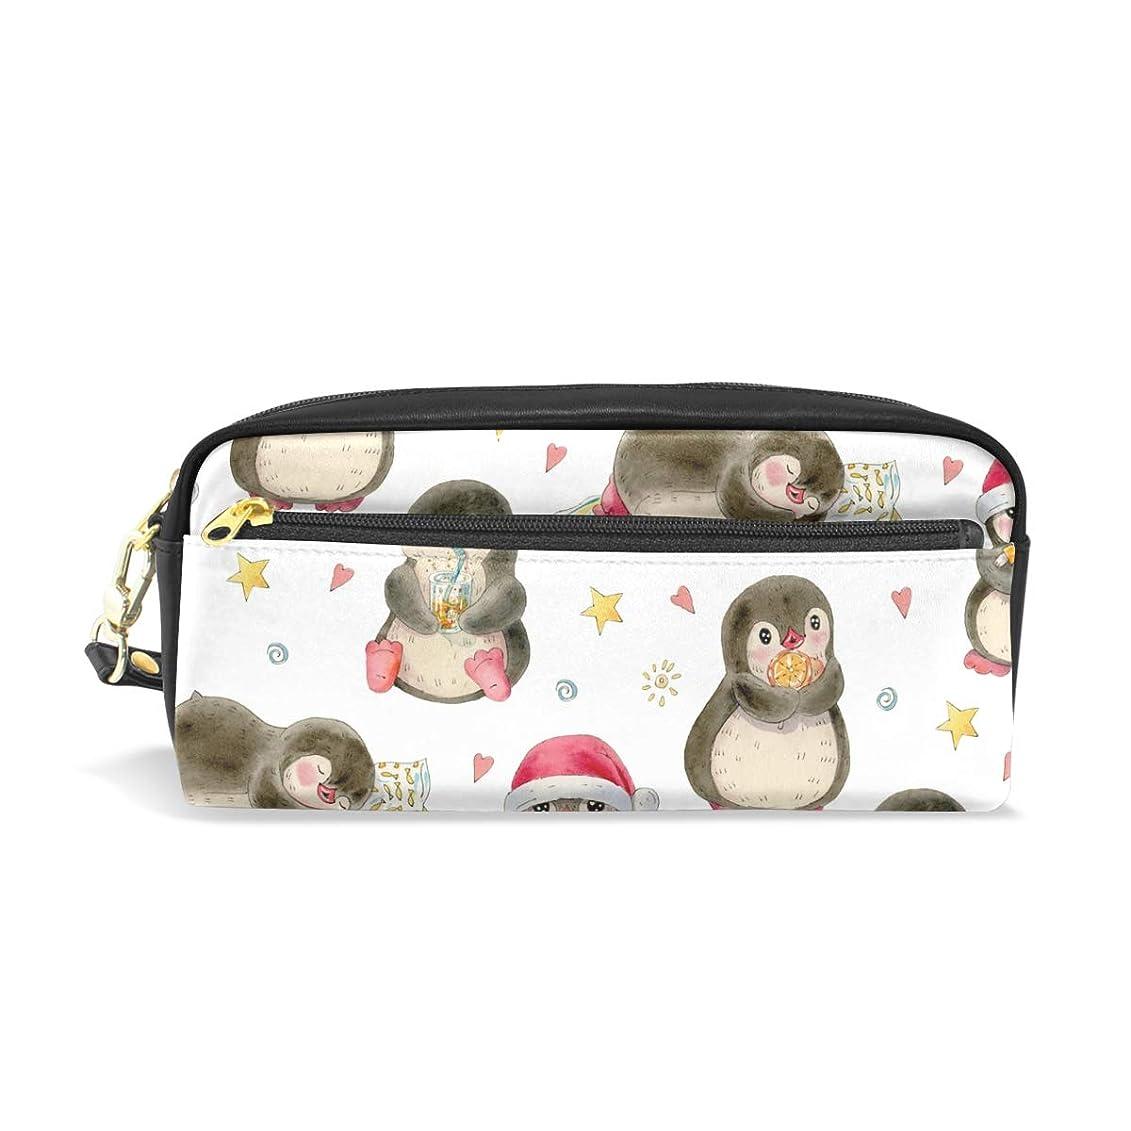 海洋山冬AOMOKI ペンケース 小物入り 多機能バッグ ペンポーチ 化粧ポーチ おしゃれ かわいい 男女兼用 ギフト プレゼント ペンギン アニマル 可愛い